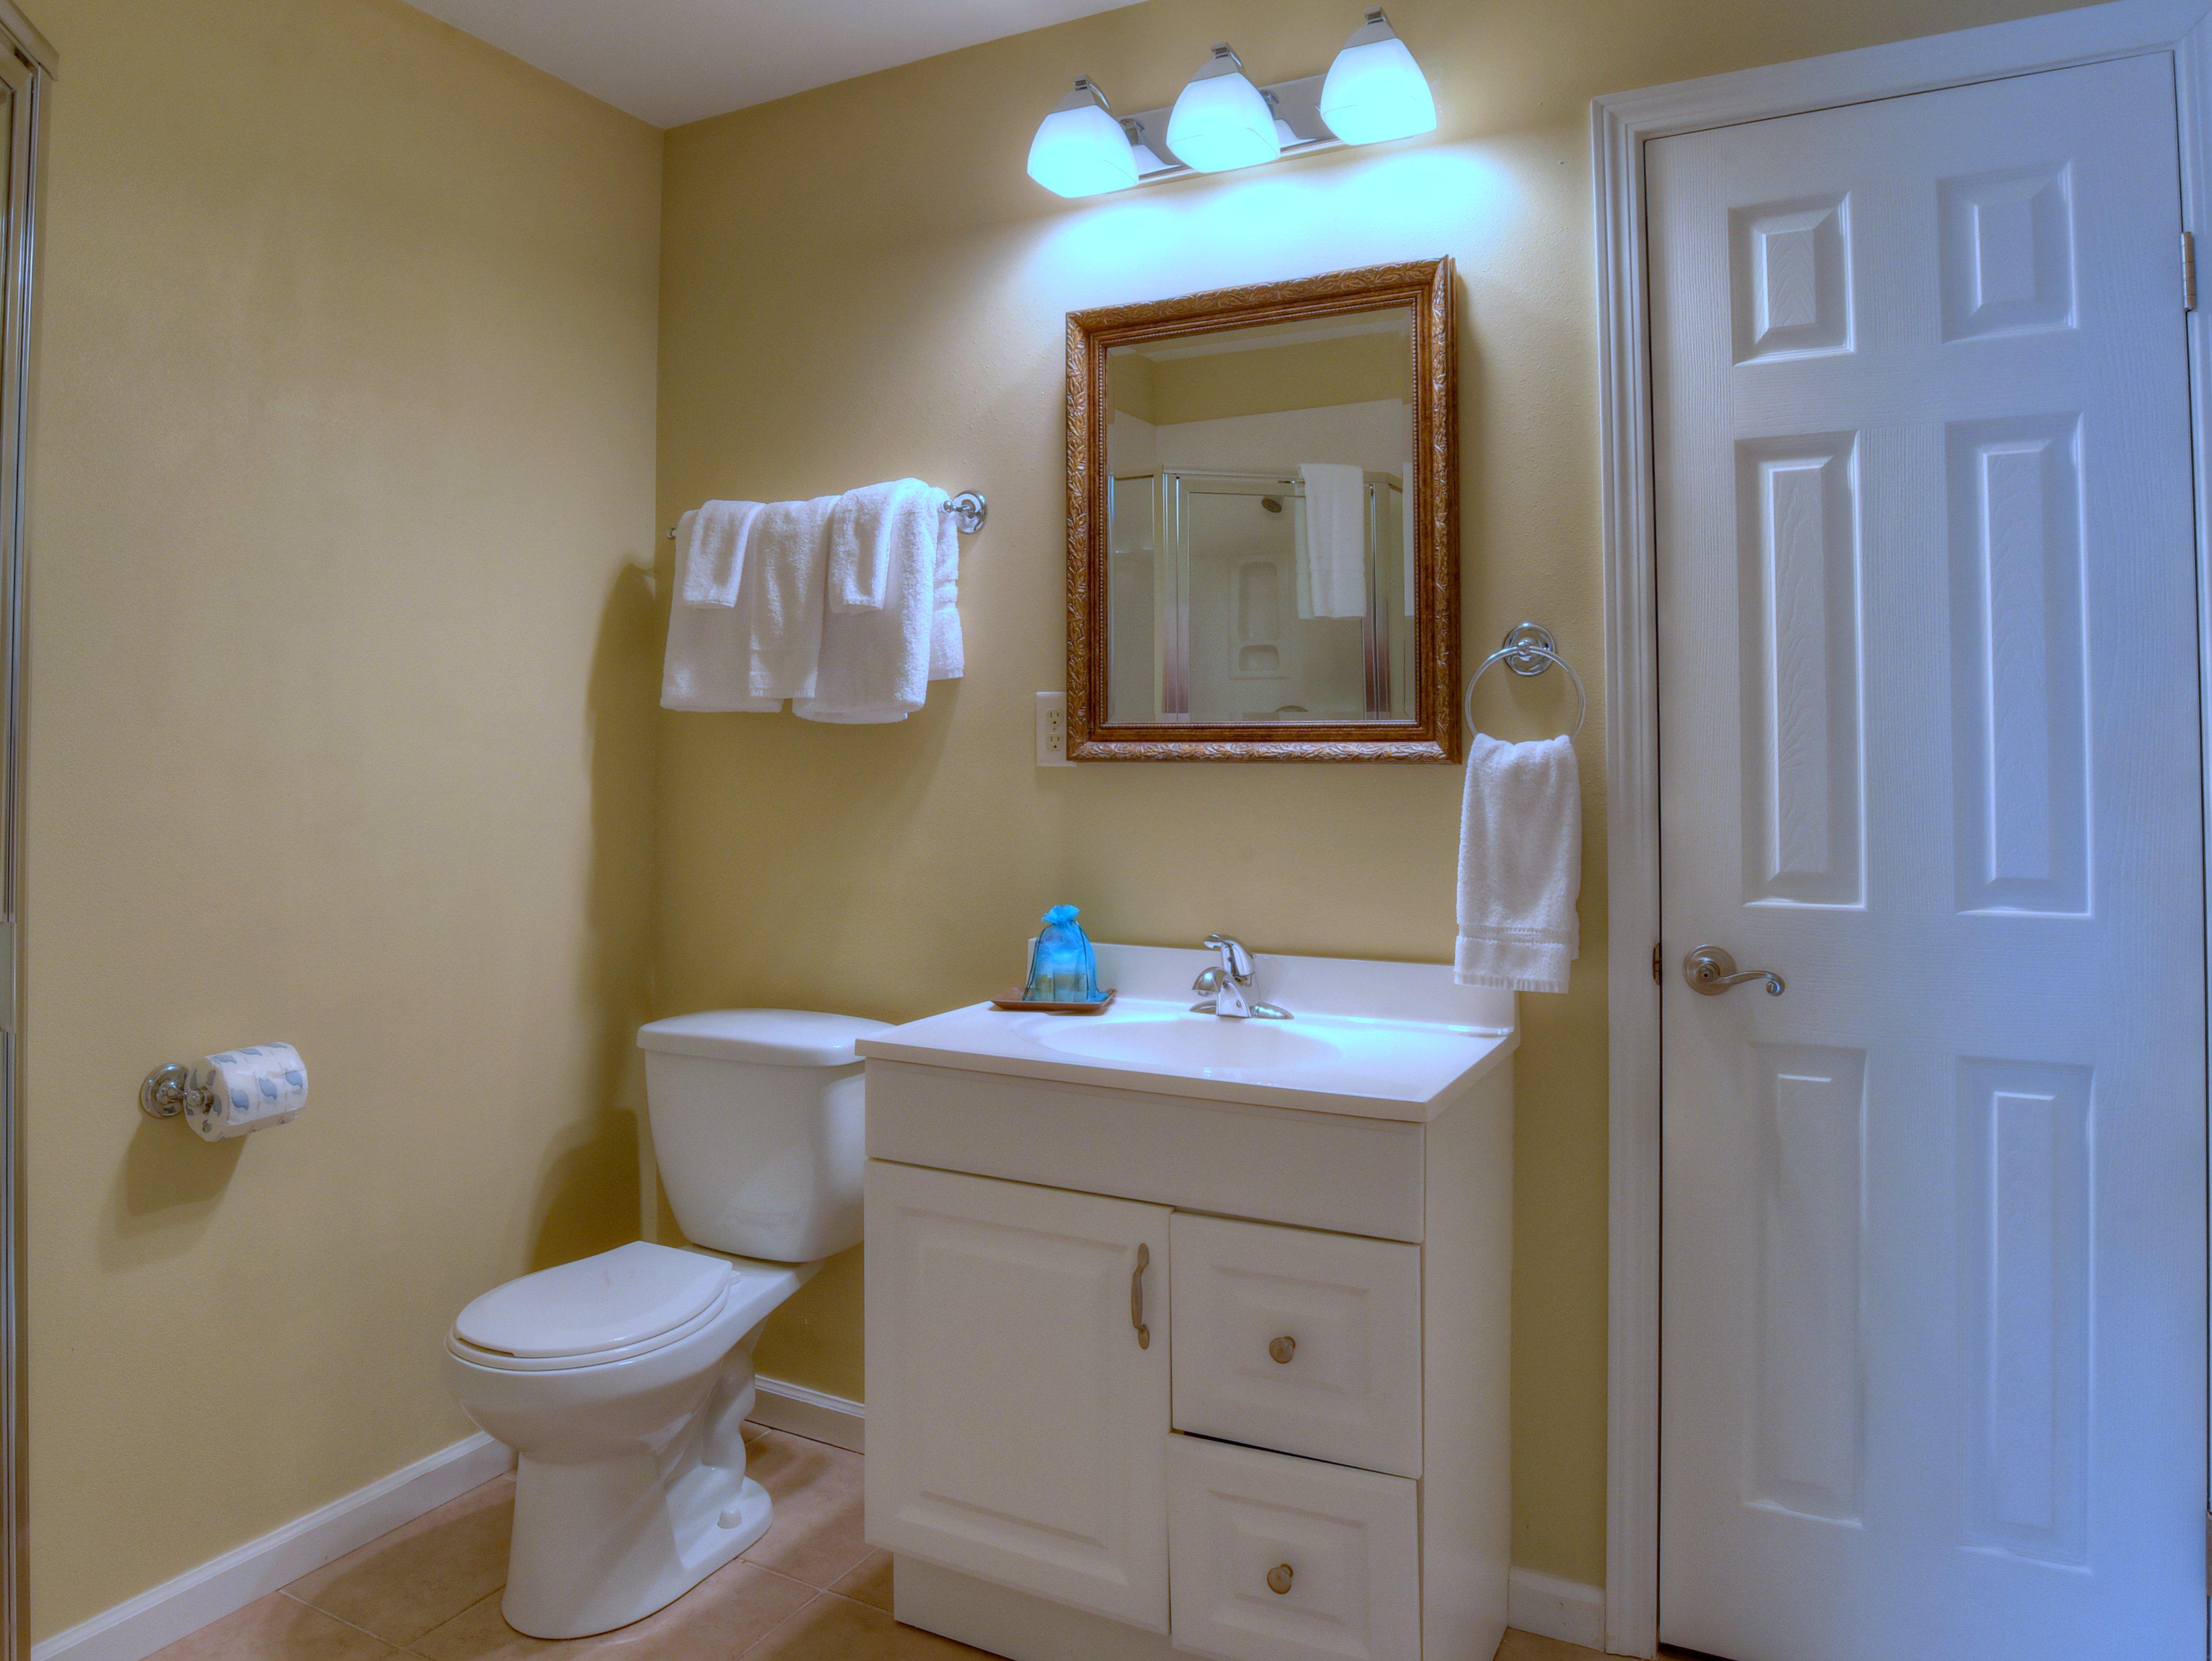 285 Fairways Condo rental in Sandestin Rentals ~ Cottages and Villas  in Destin Florida - #21